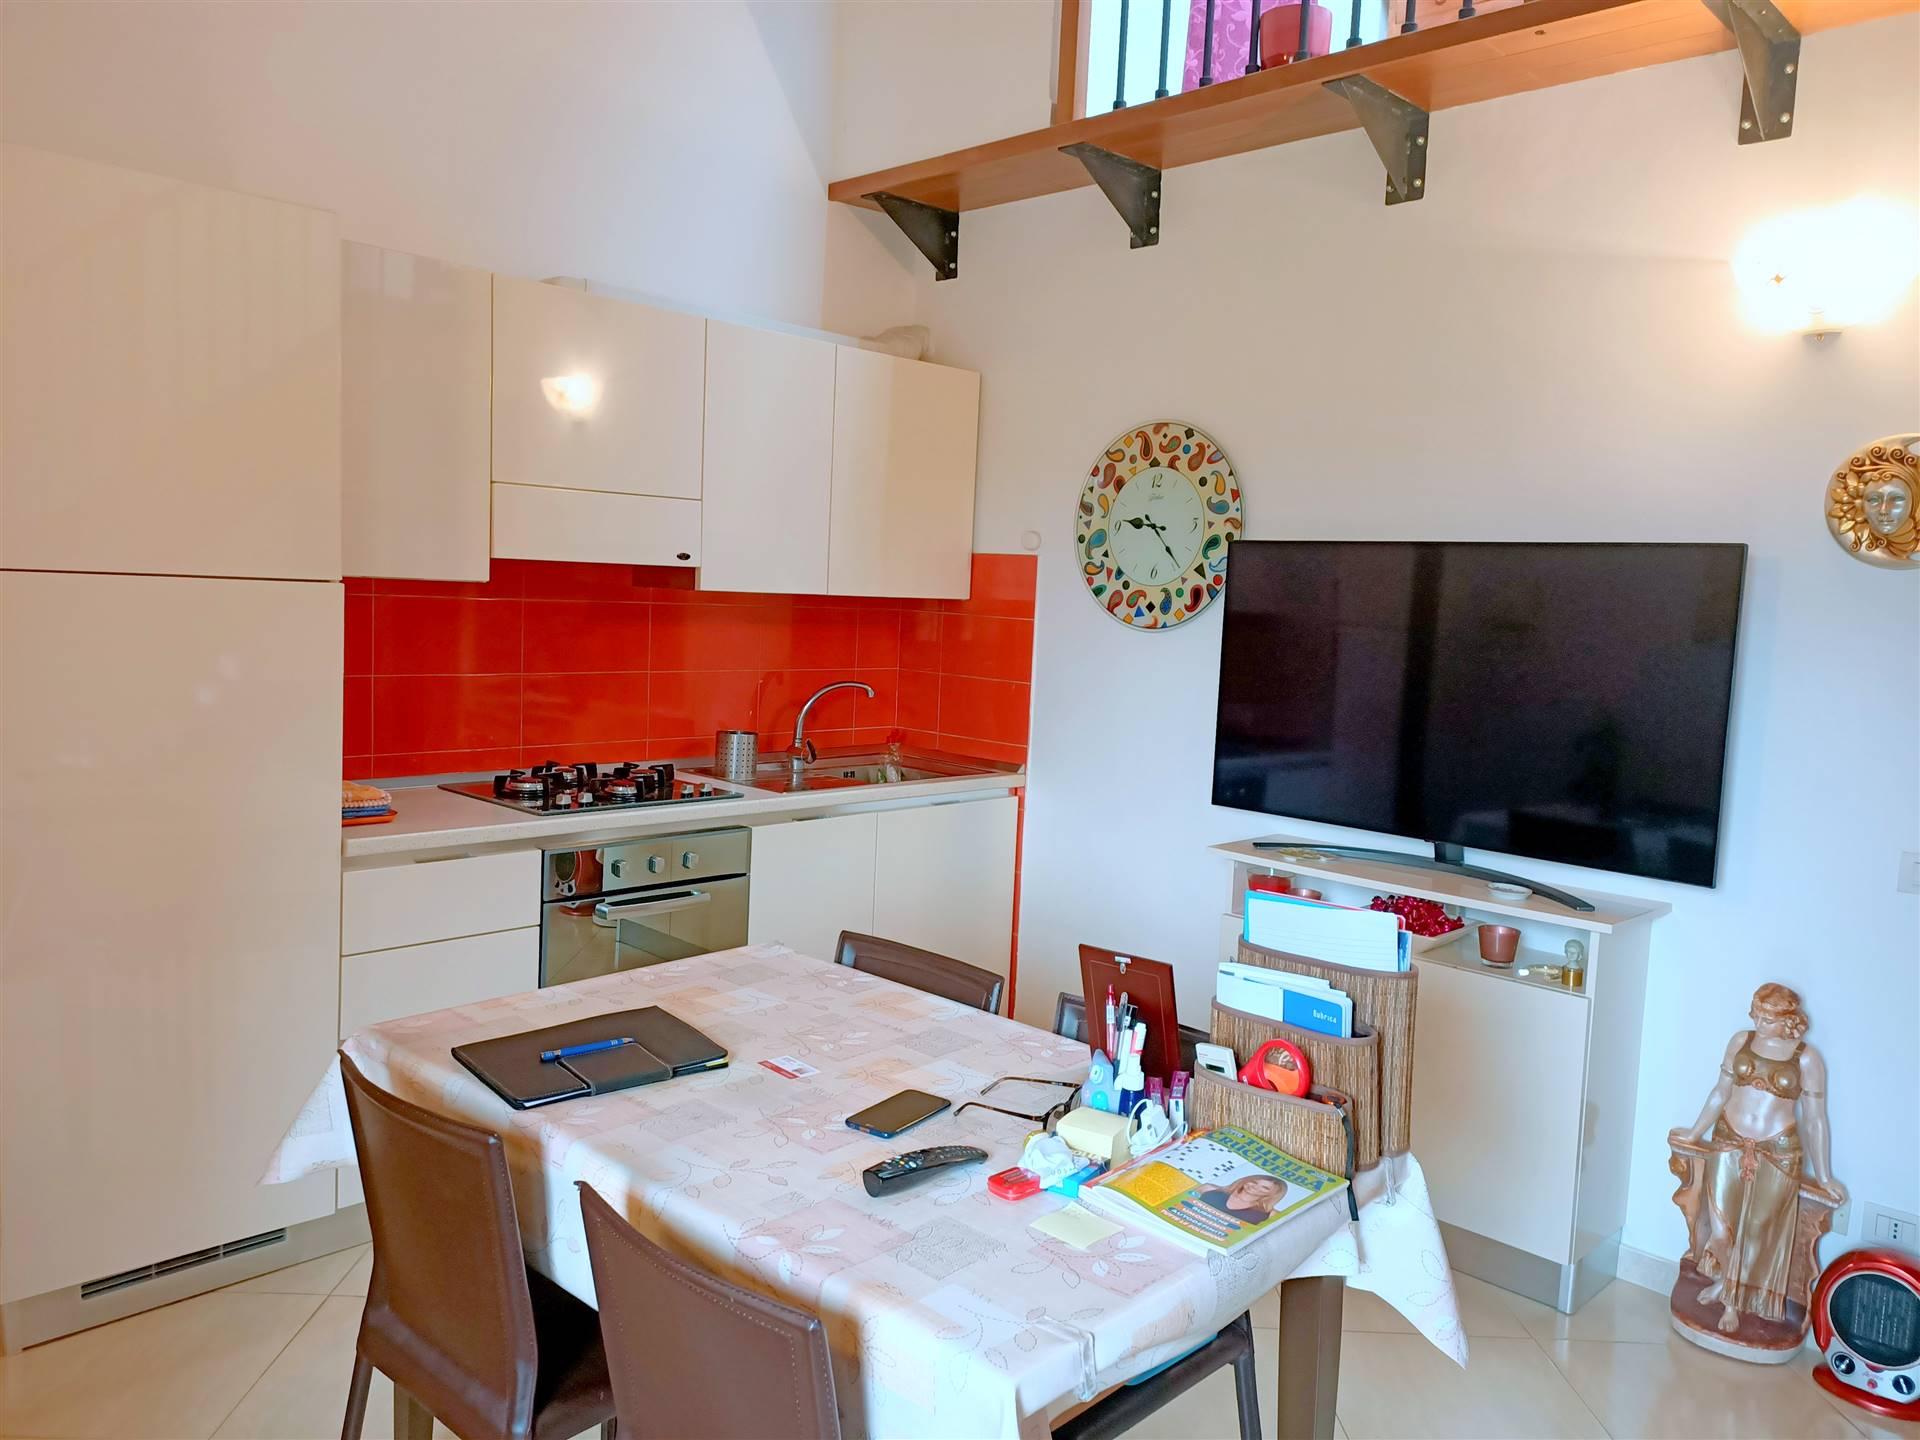 OSIMO STAZIONE, OSIMO, Wohnung zu verkaufen von 56 Qm, Beste ausstattung, Heizung Bodenheizung, Energie-klasse: B, am boden 1° auf 1,